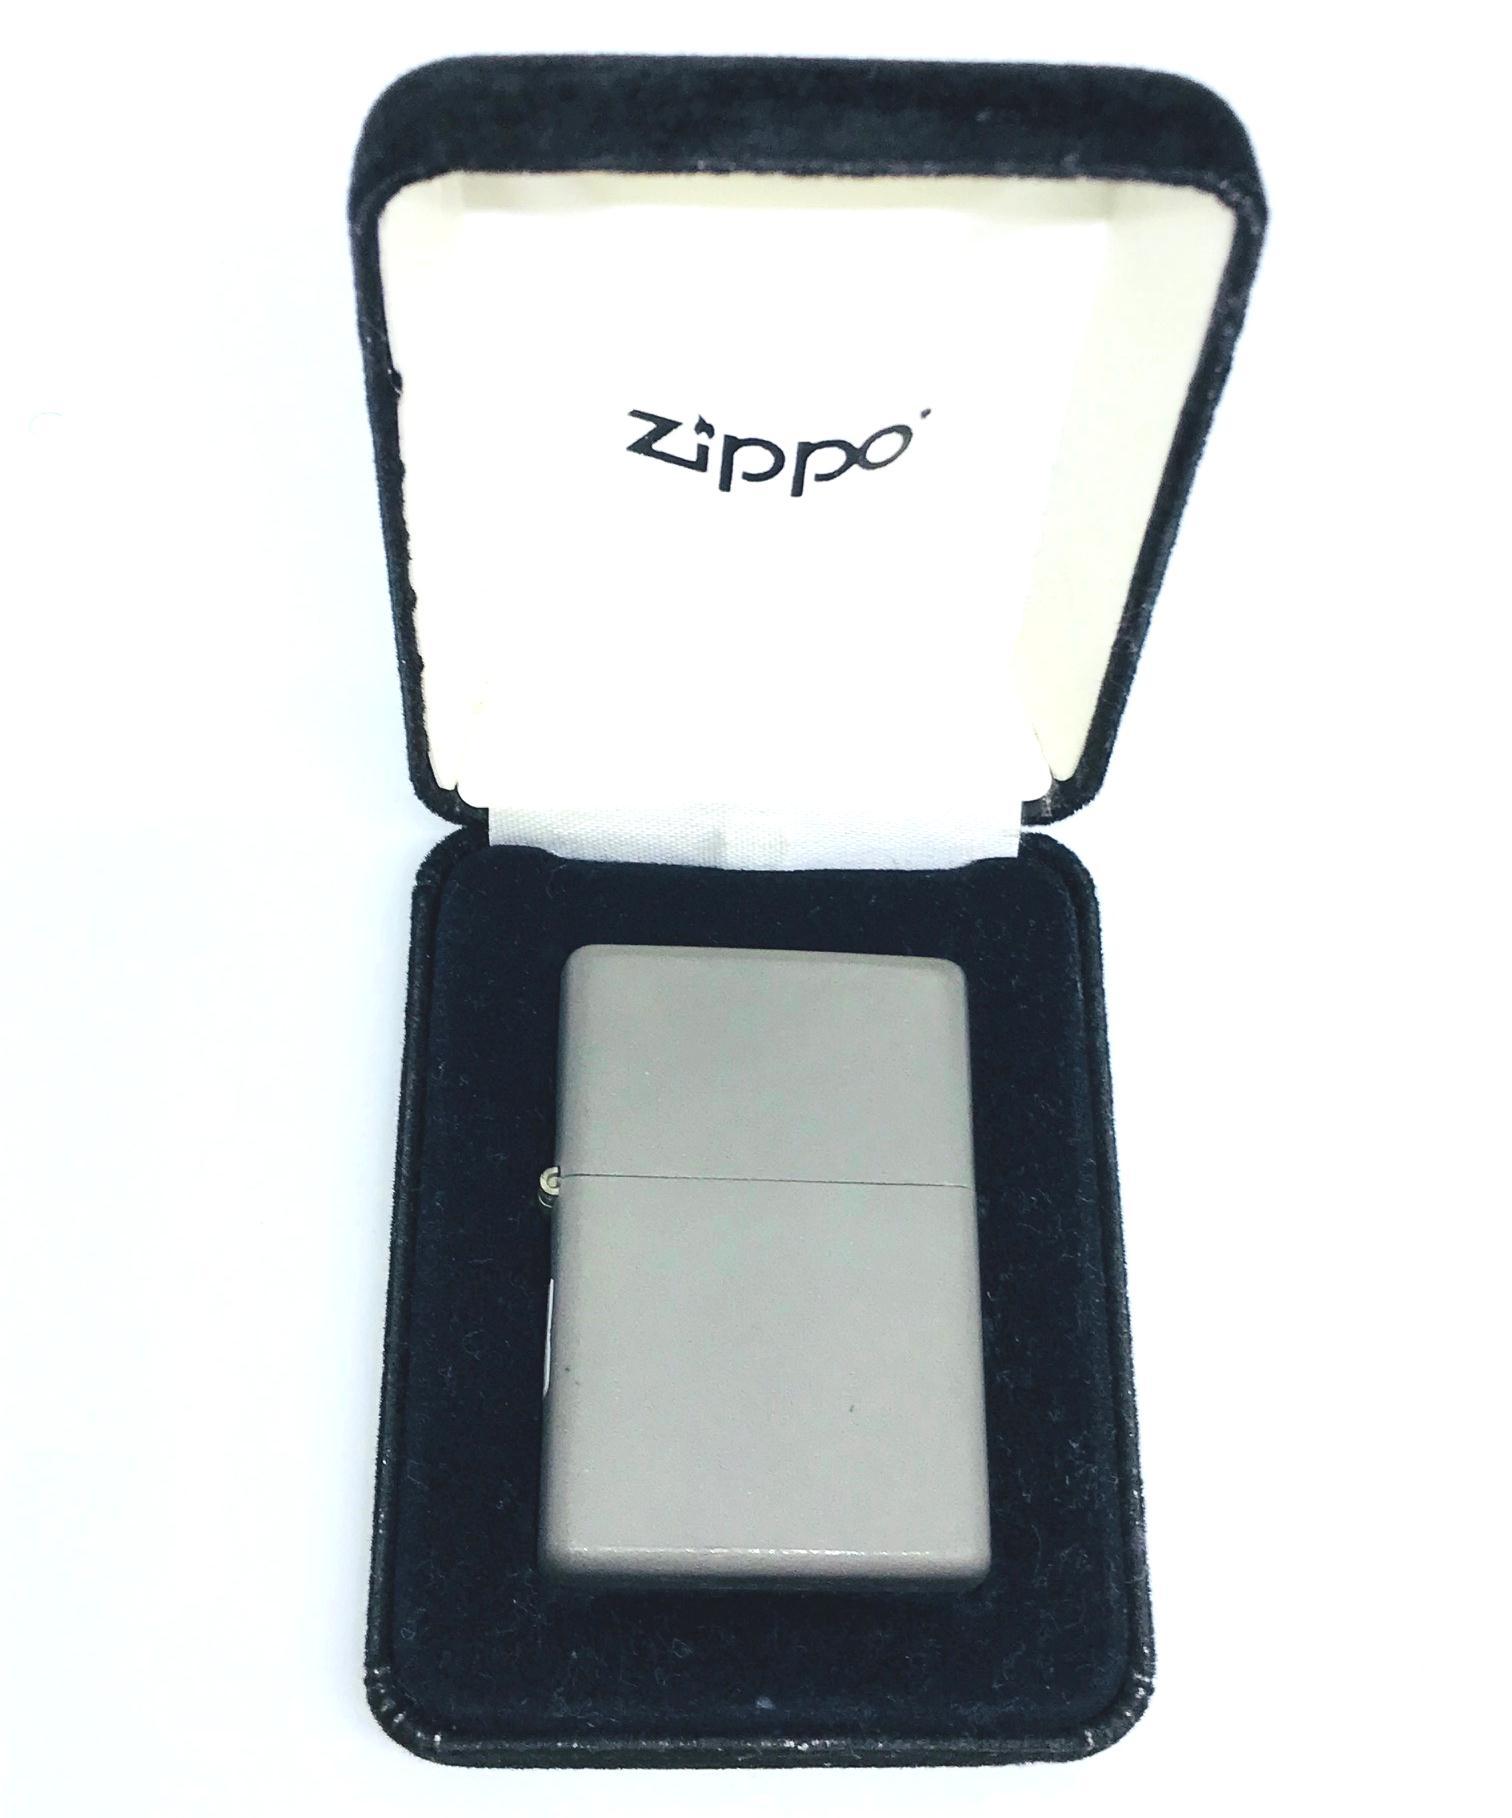 Zippo SOLID TITANIUM nguyen chat cuc hiem Z606